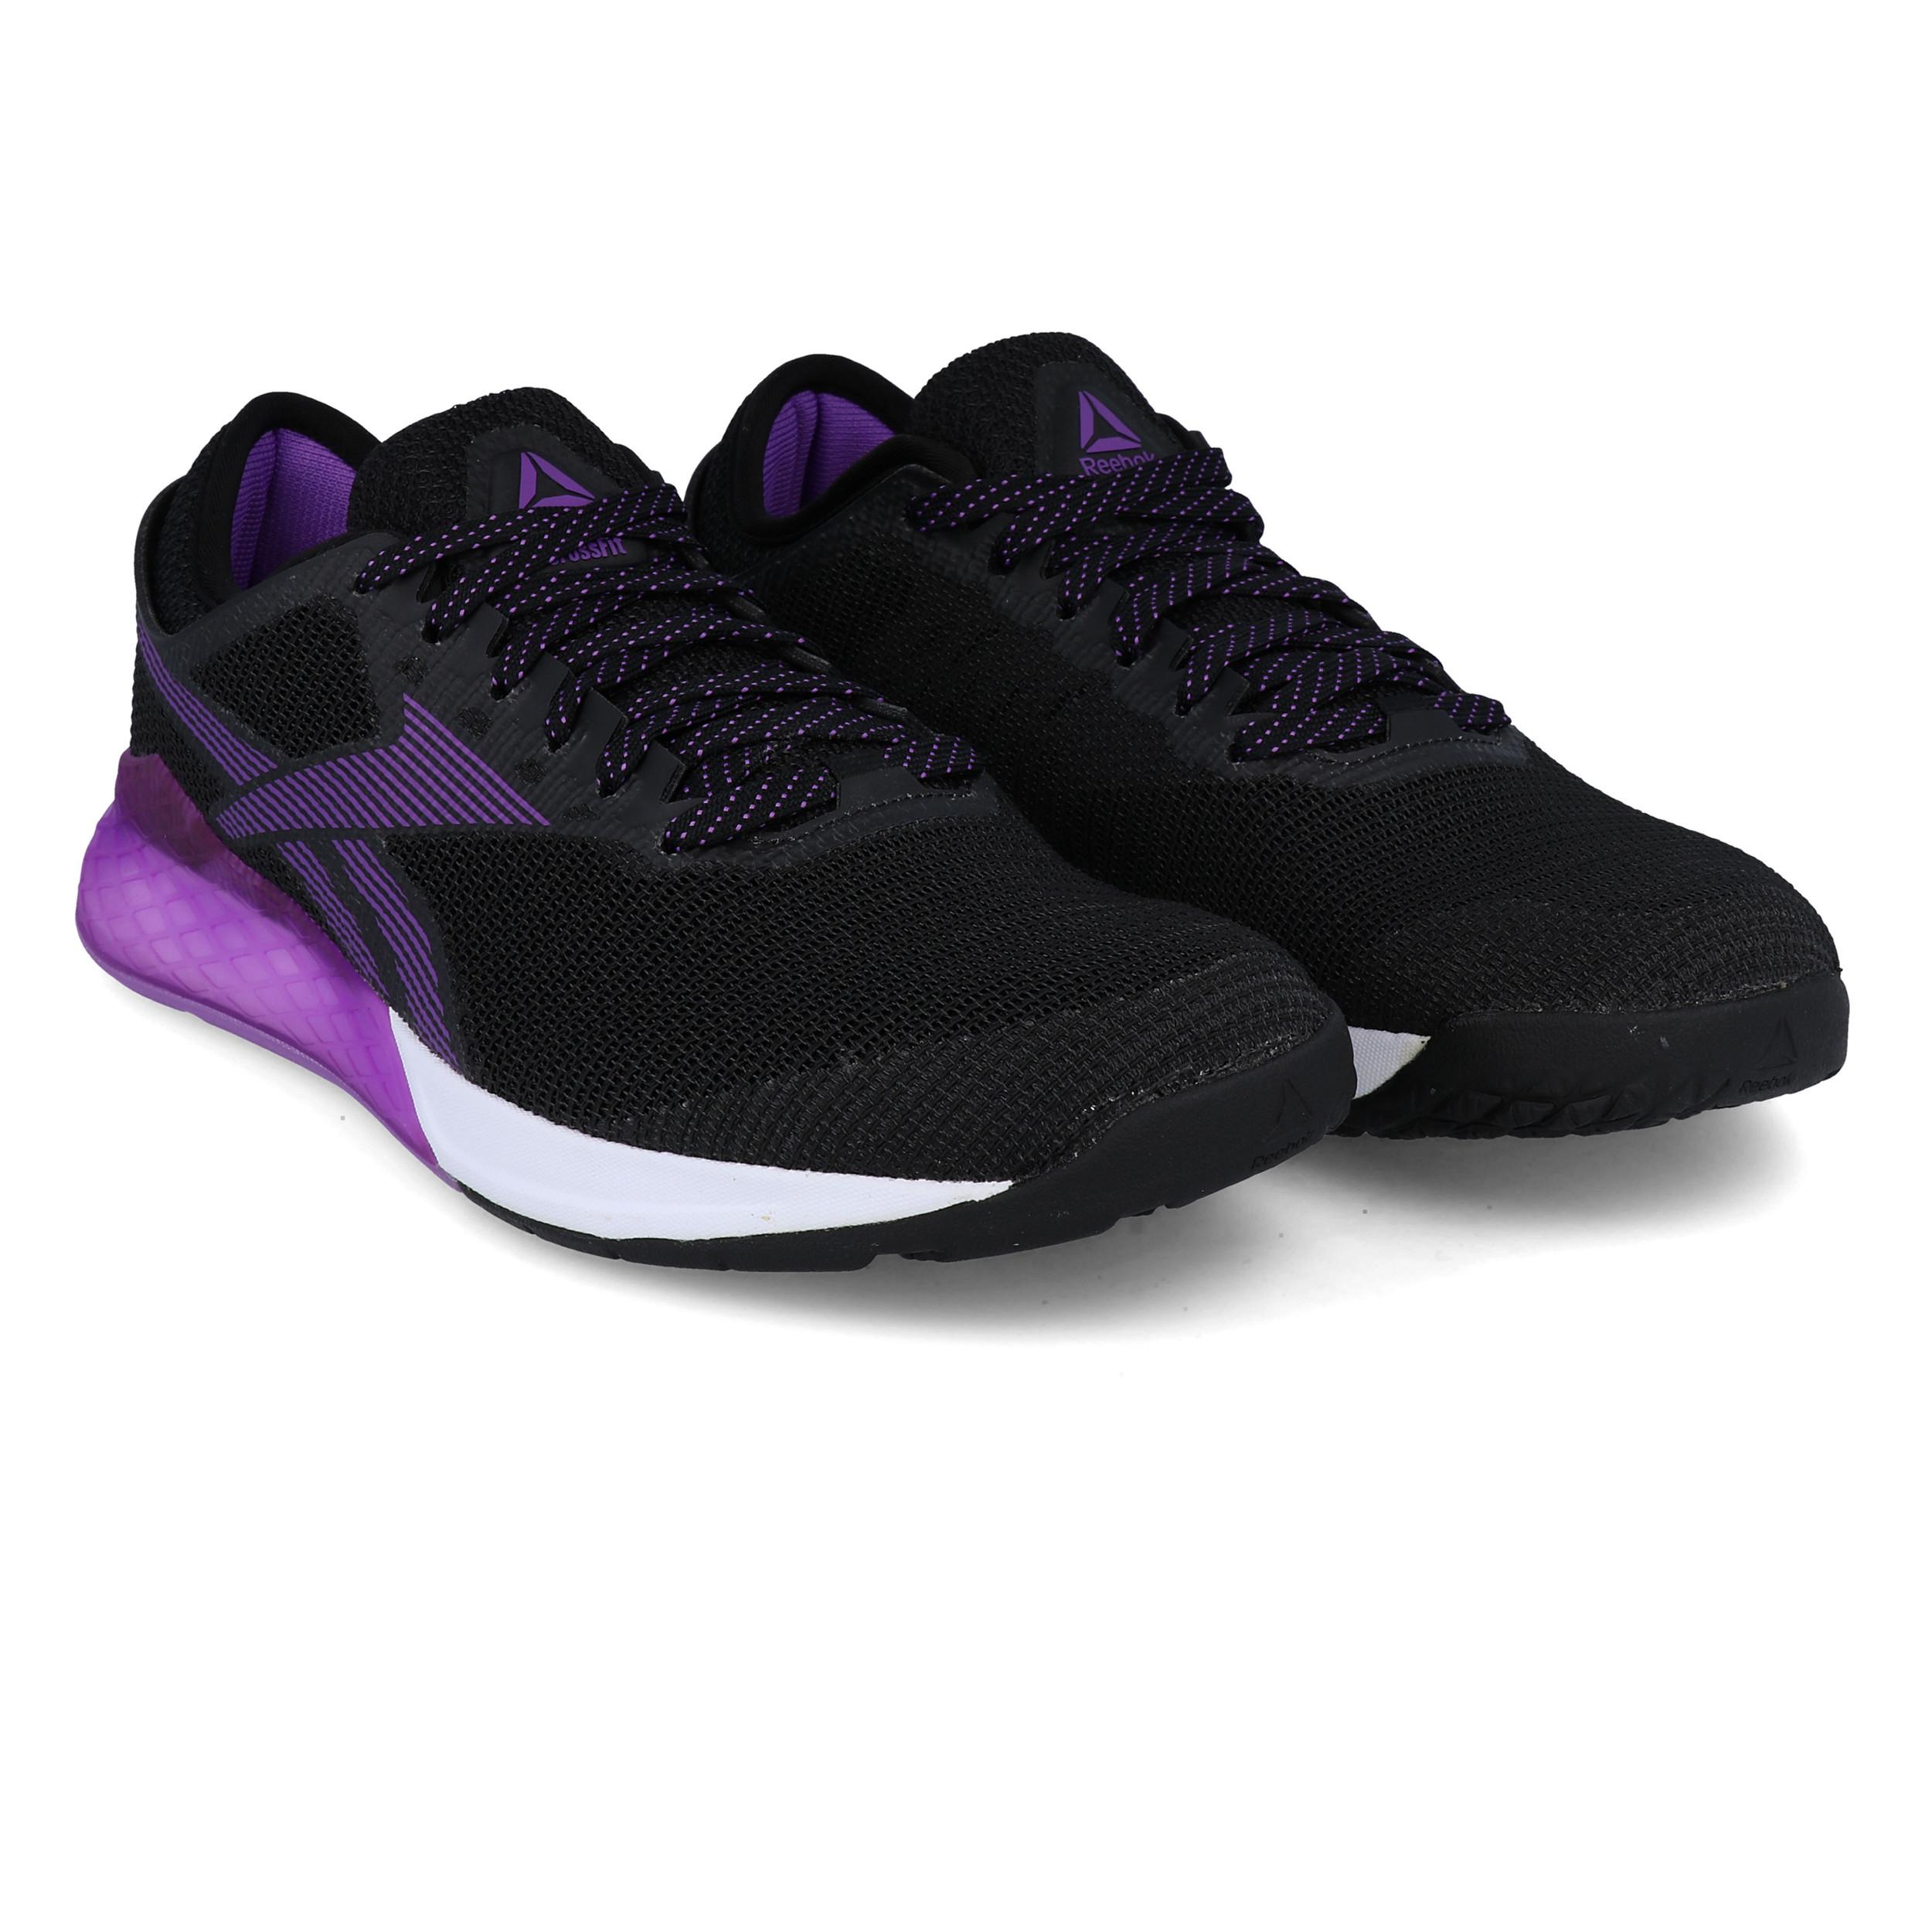 Détails sur Reebok Homme Crossfit Nano 9 Training Gym Fitness Chaussures Noir Violet Sport afficher le titre d'origine